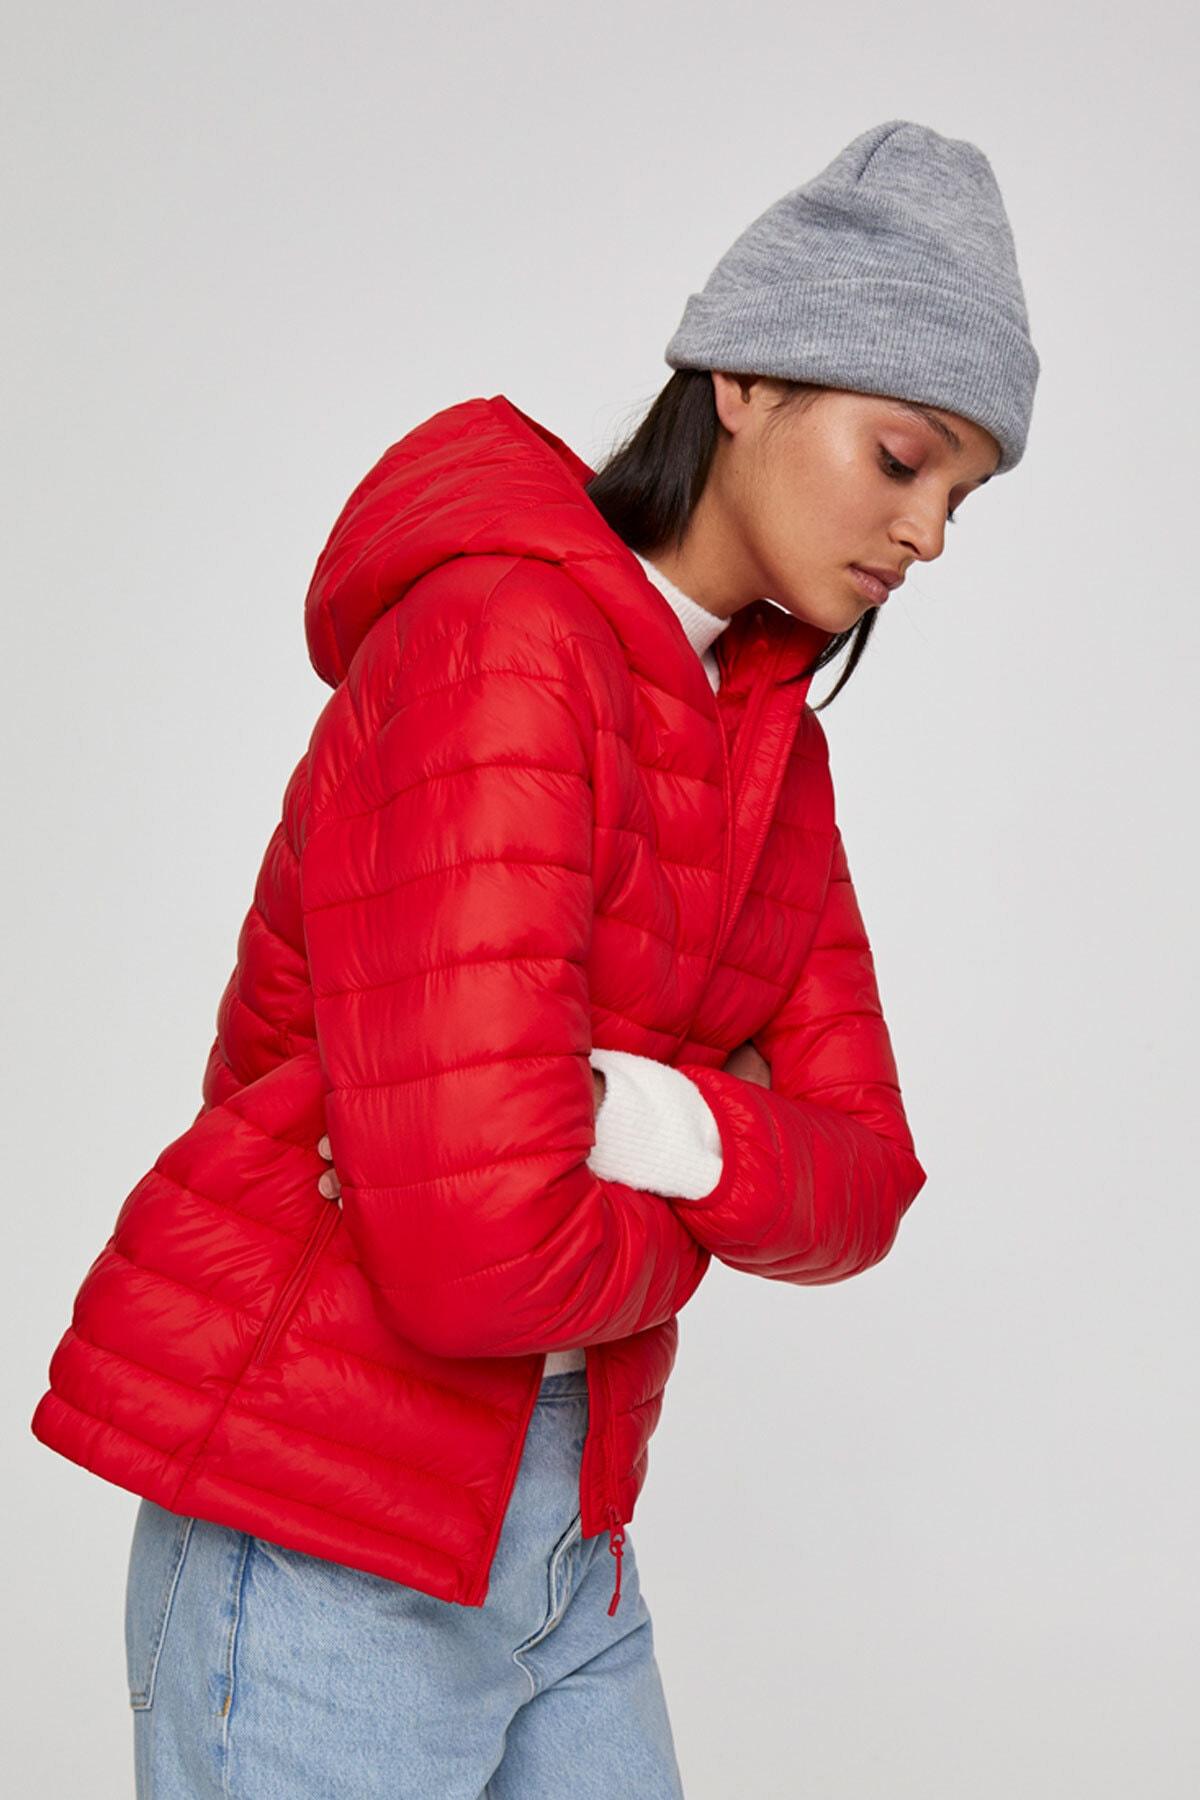 Pull & Bear Kadın Açık Kırmızı Basic Şişme Mont 09714333 3